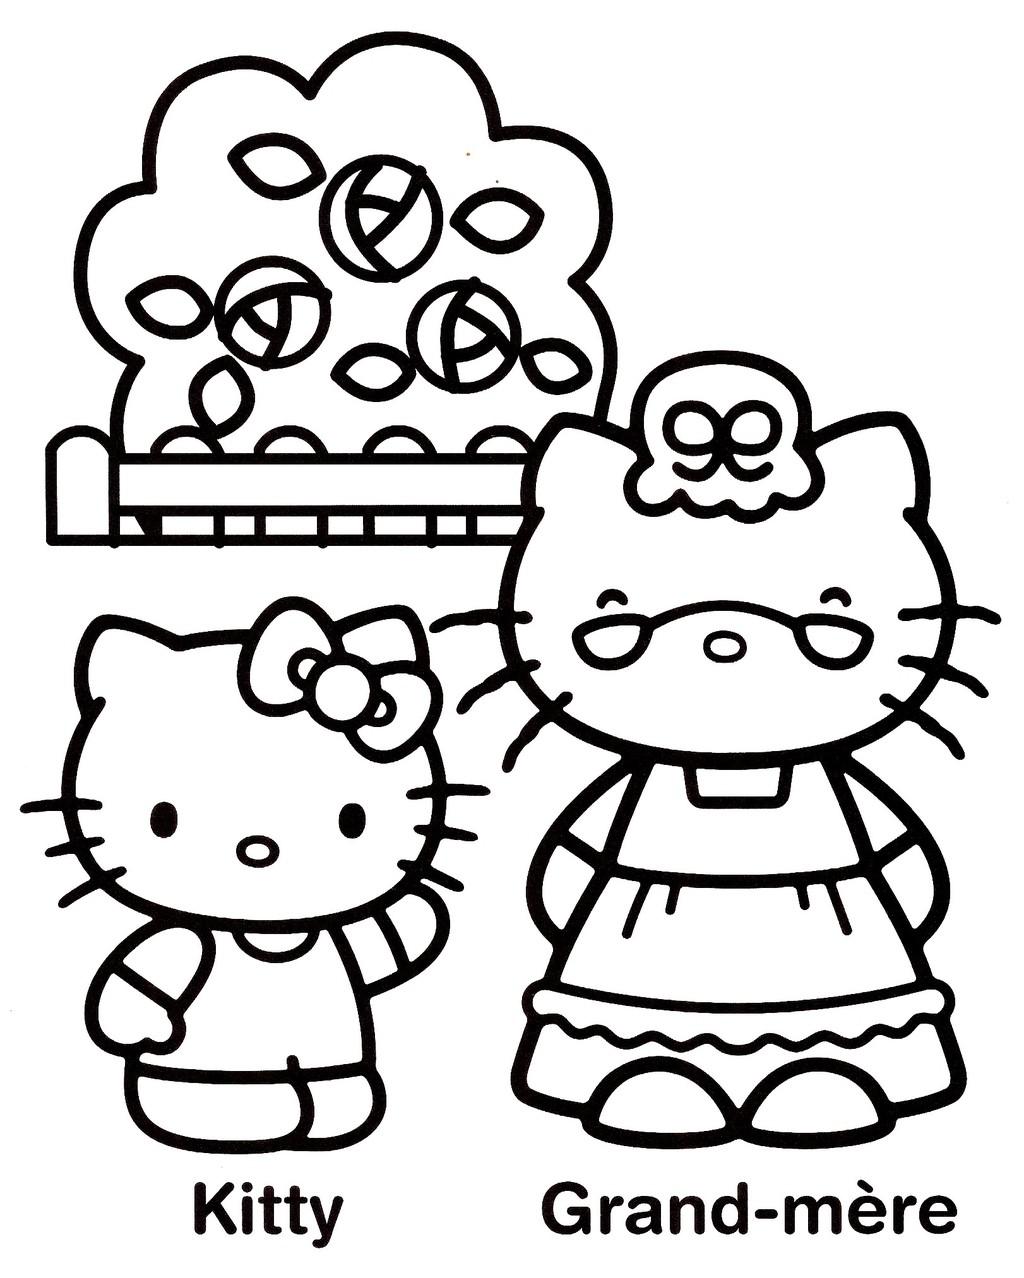 Coloriage hello kitty gratuit - dessin a imprimer #238